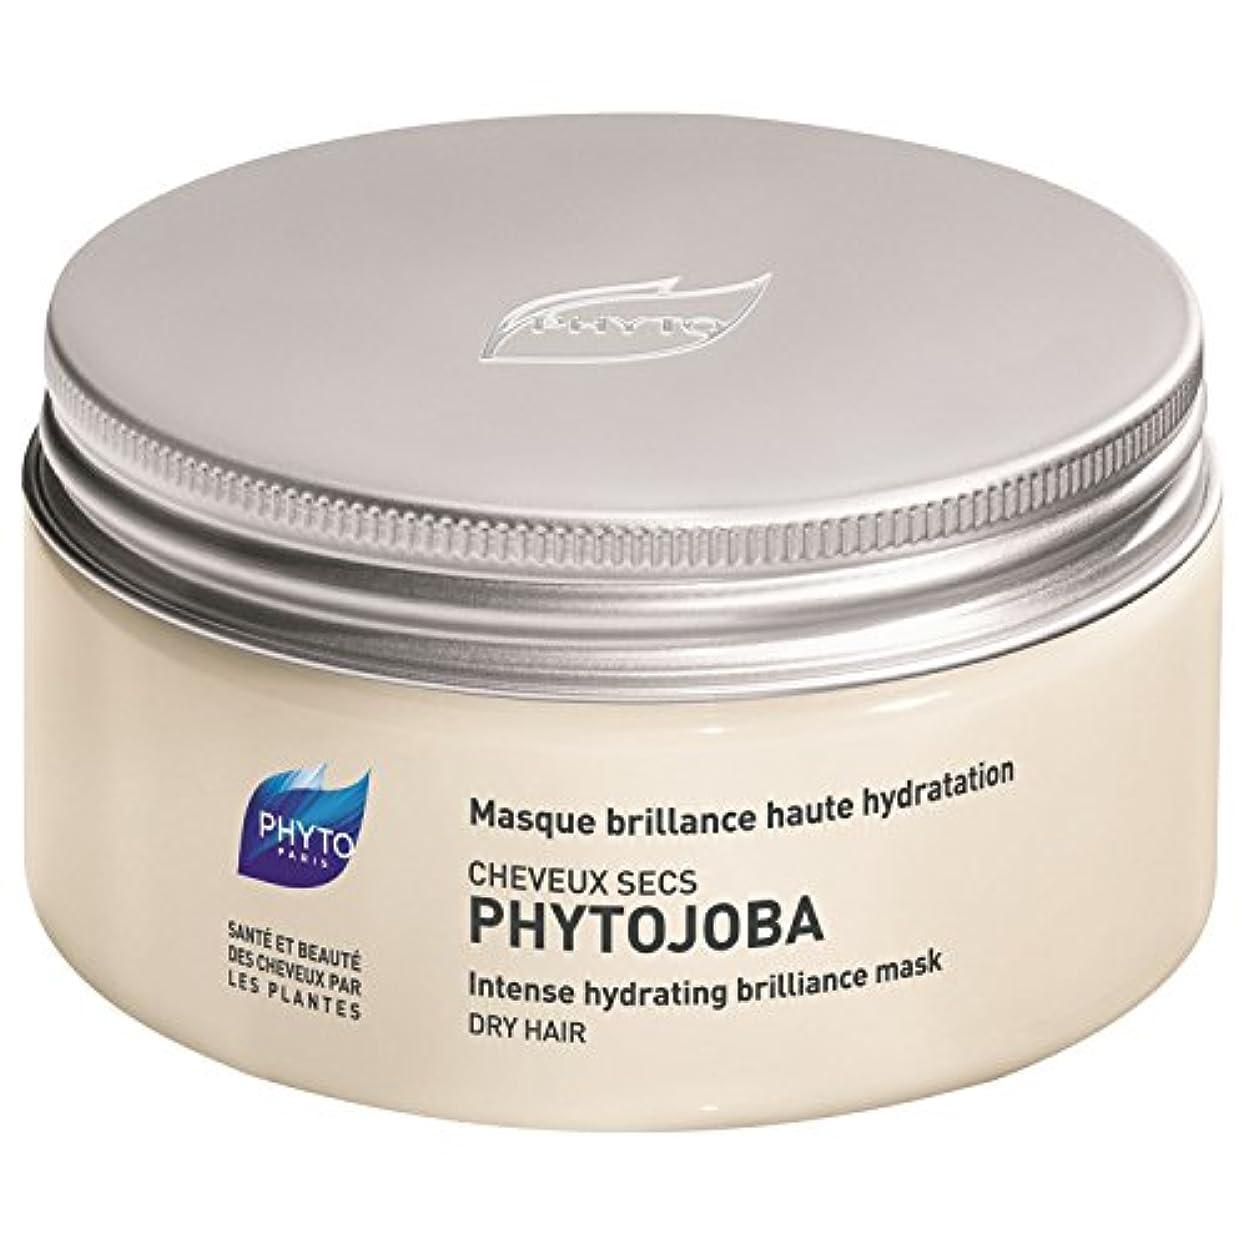 フィトPhytojoba強烈な水分補給マスク200ミリリットル (Phyto) (x6) - Phyto Phytojoba Intense Hydrating Mask 200ml (Pack of 6) [並行輸入品]